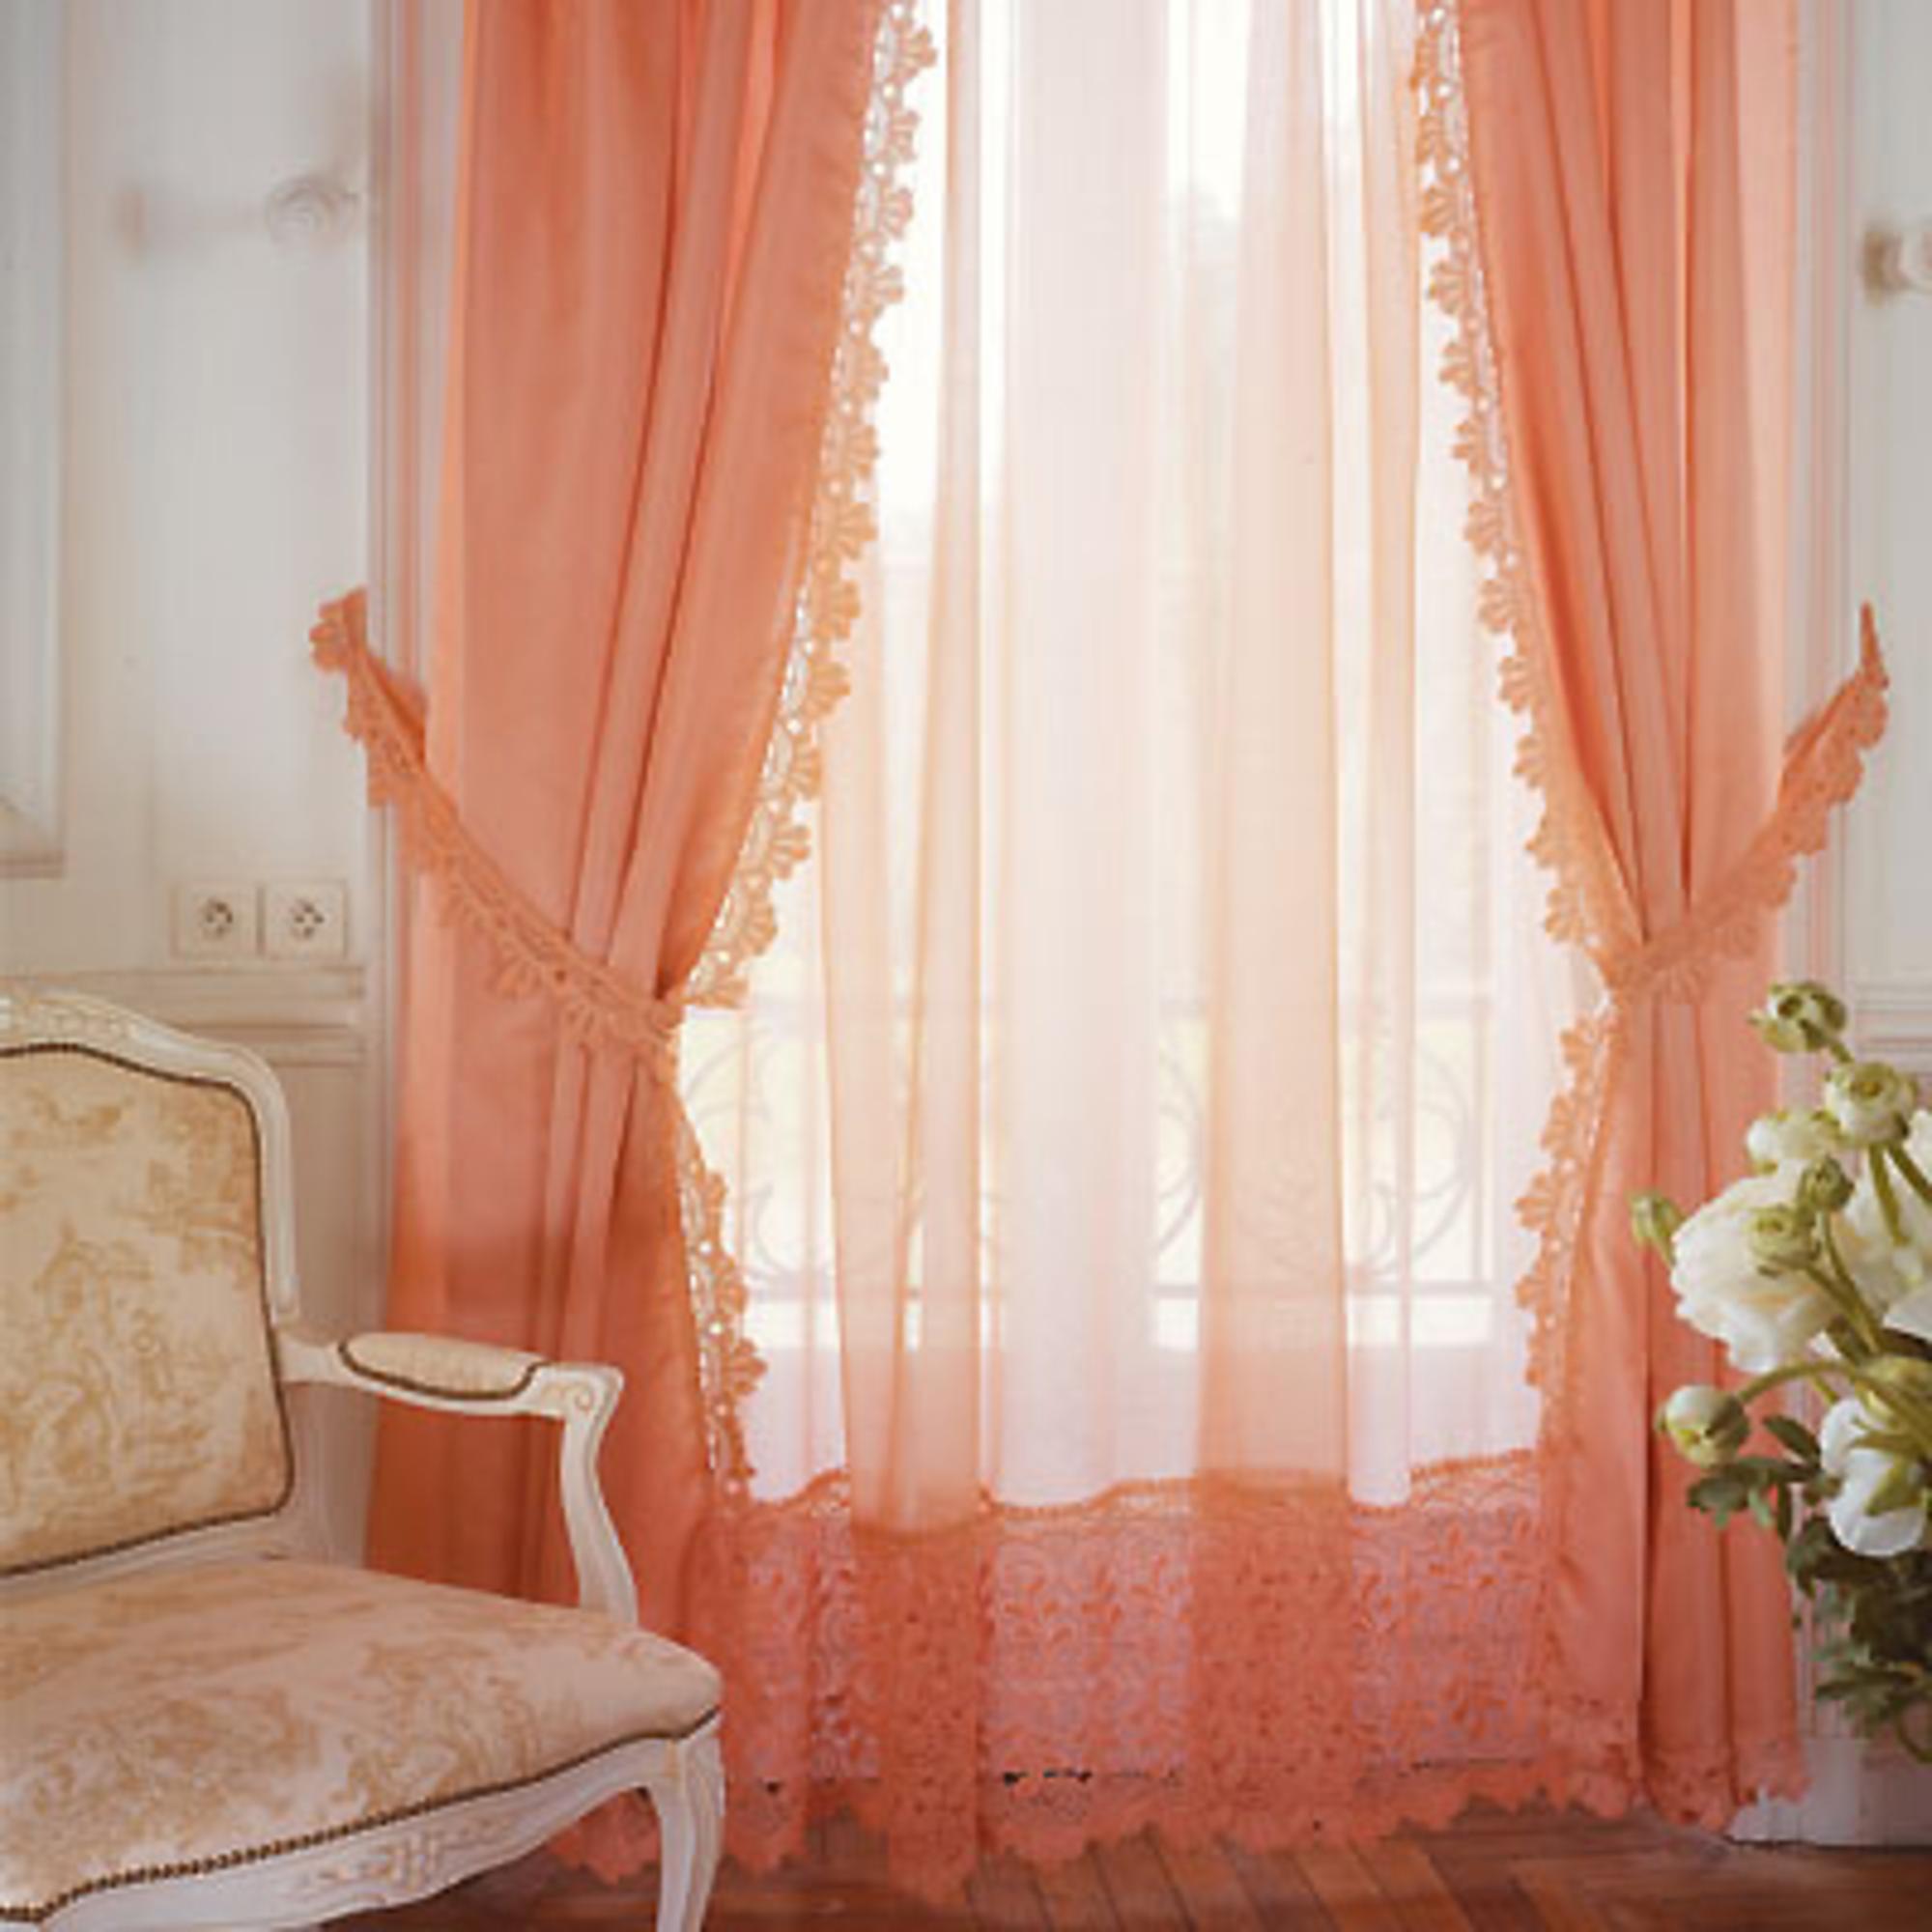 2 rideaux 155 x 240 cm isabella rose frais de traitement de commande offe - Maison coloree rideaux ...